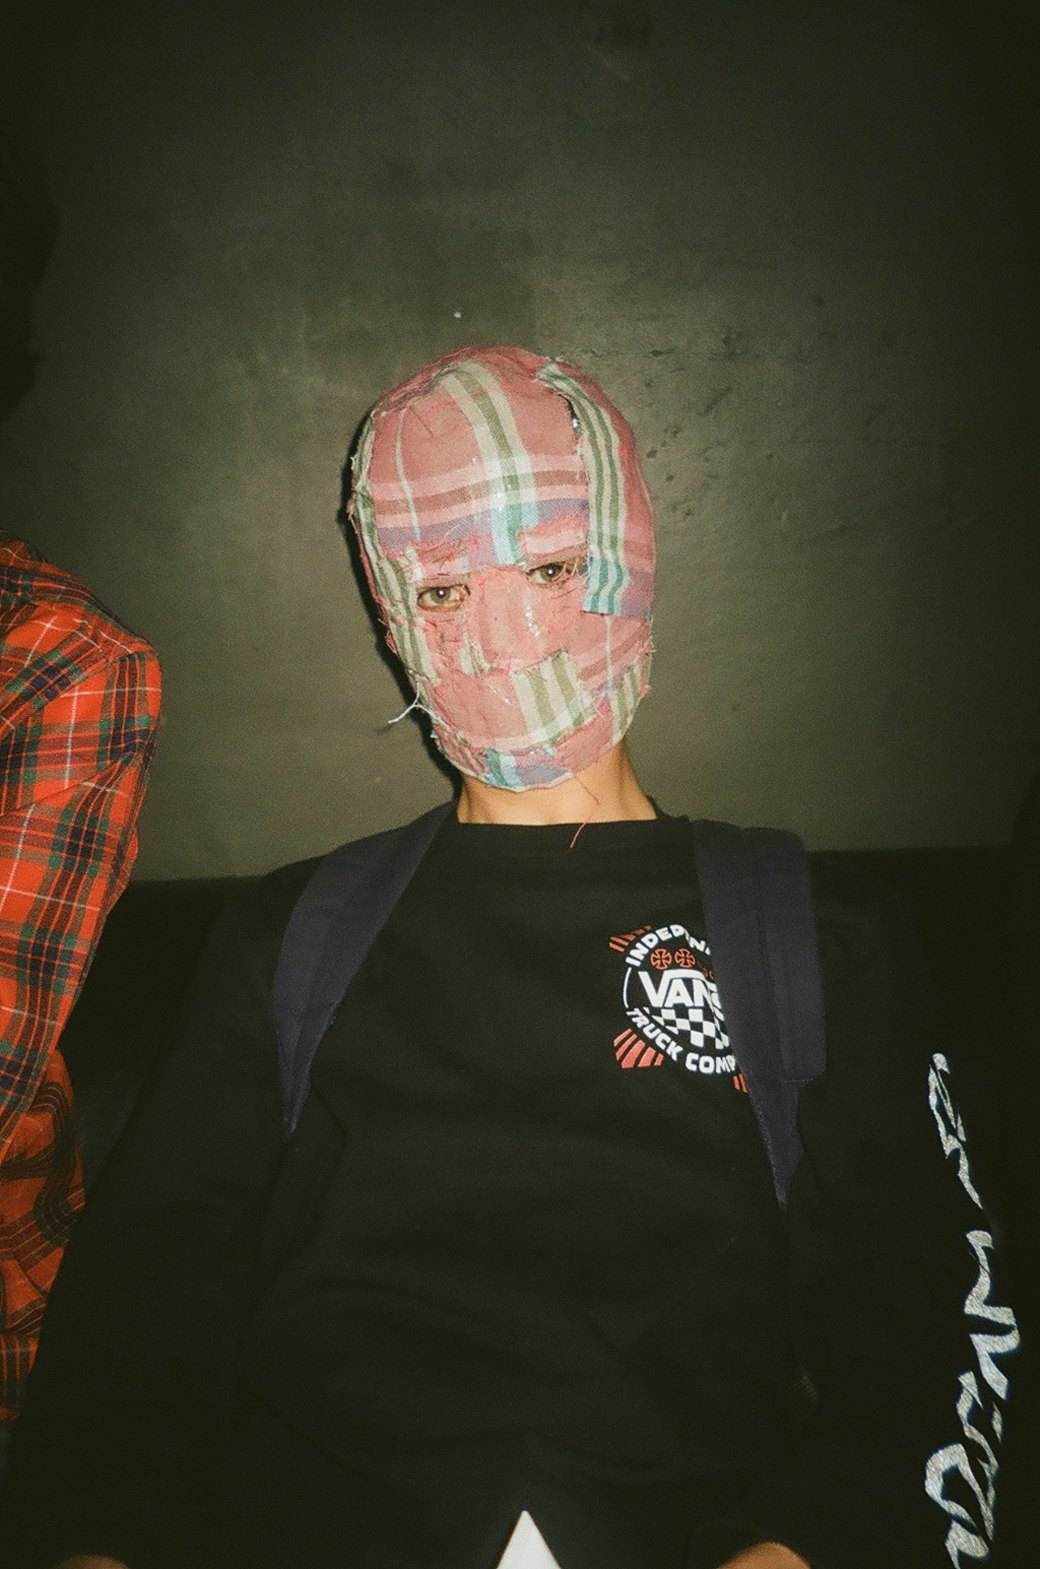 Фоторепортаж: Просвещённая молодёжь на фестивале «Пыльник». Изображение № 8.